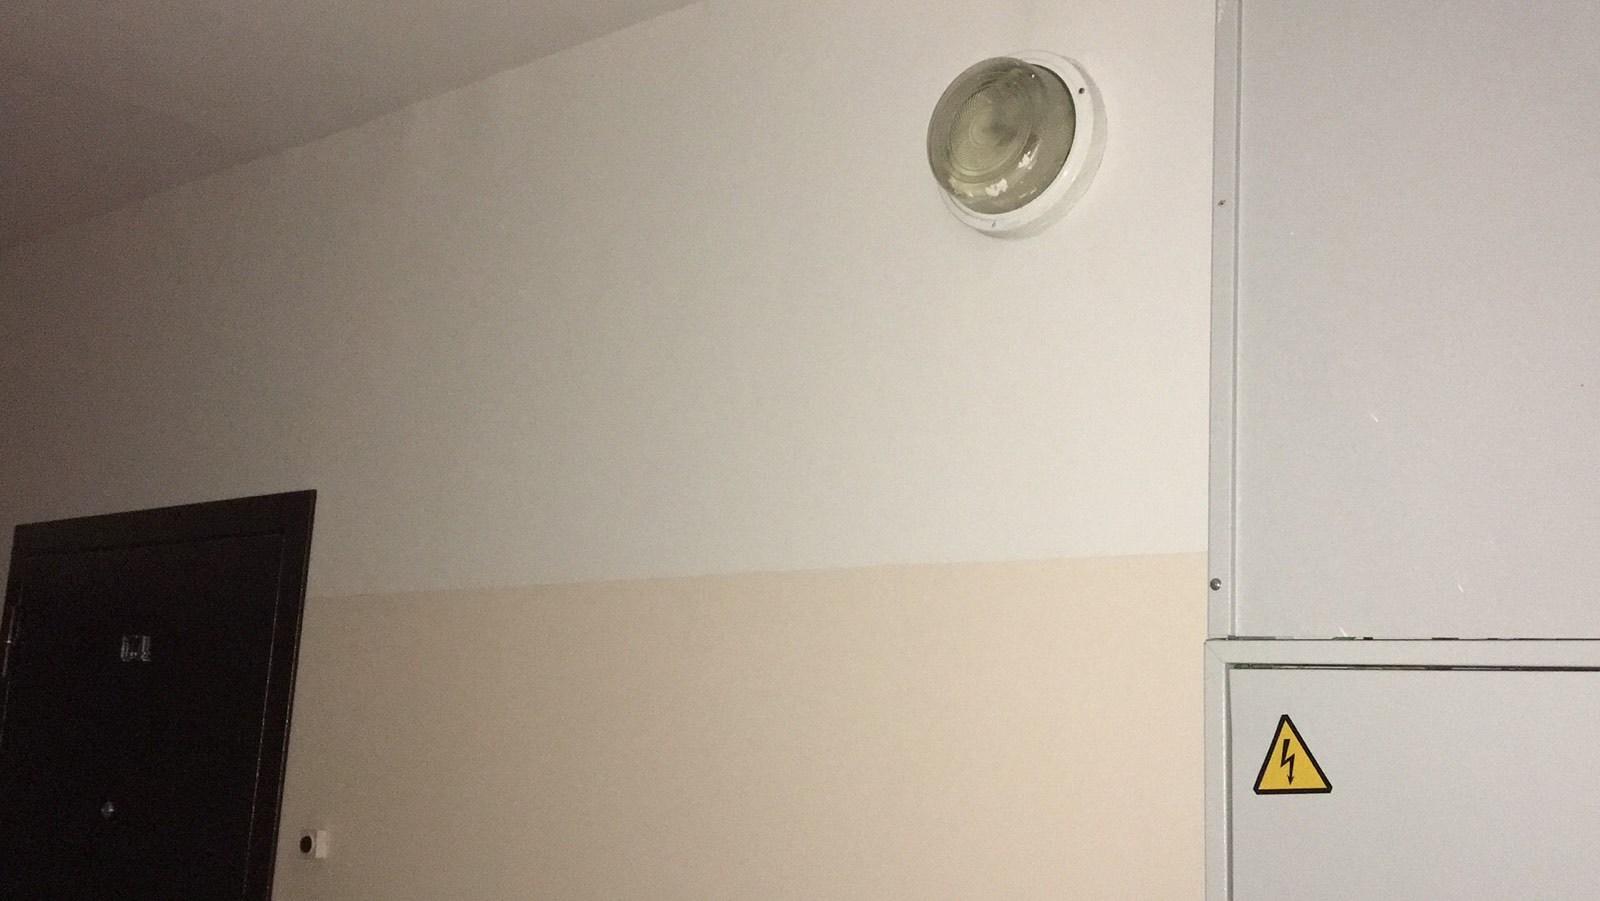 5П 1 эт - в правом крыле одна лампа не светит